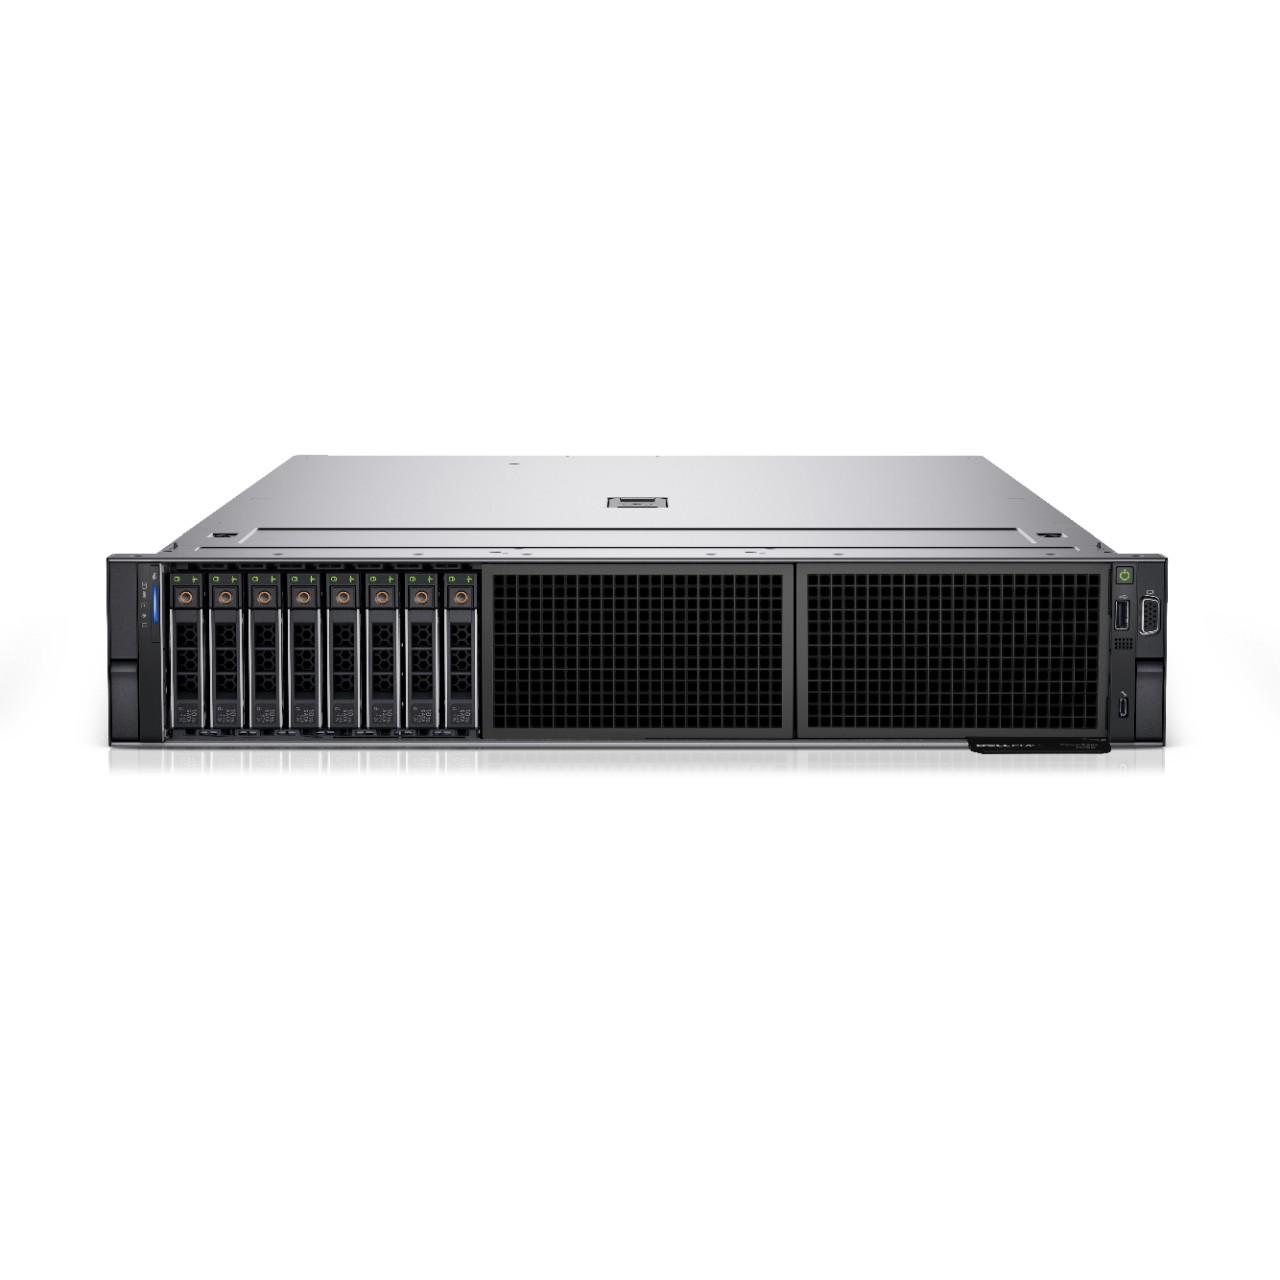 Dell-EMC-PowerEdge-R750_1.jpg